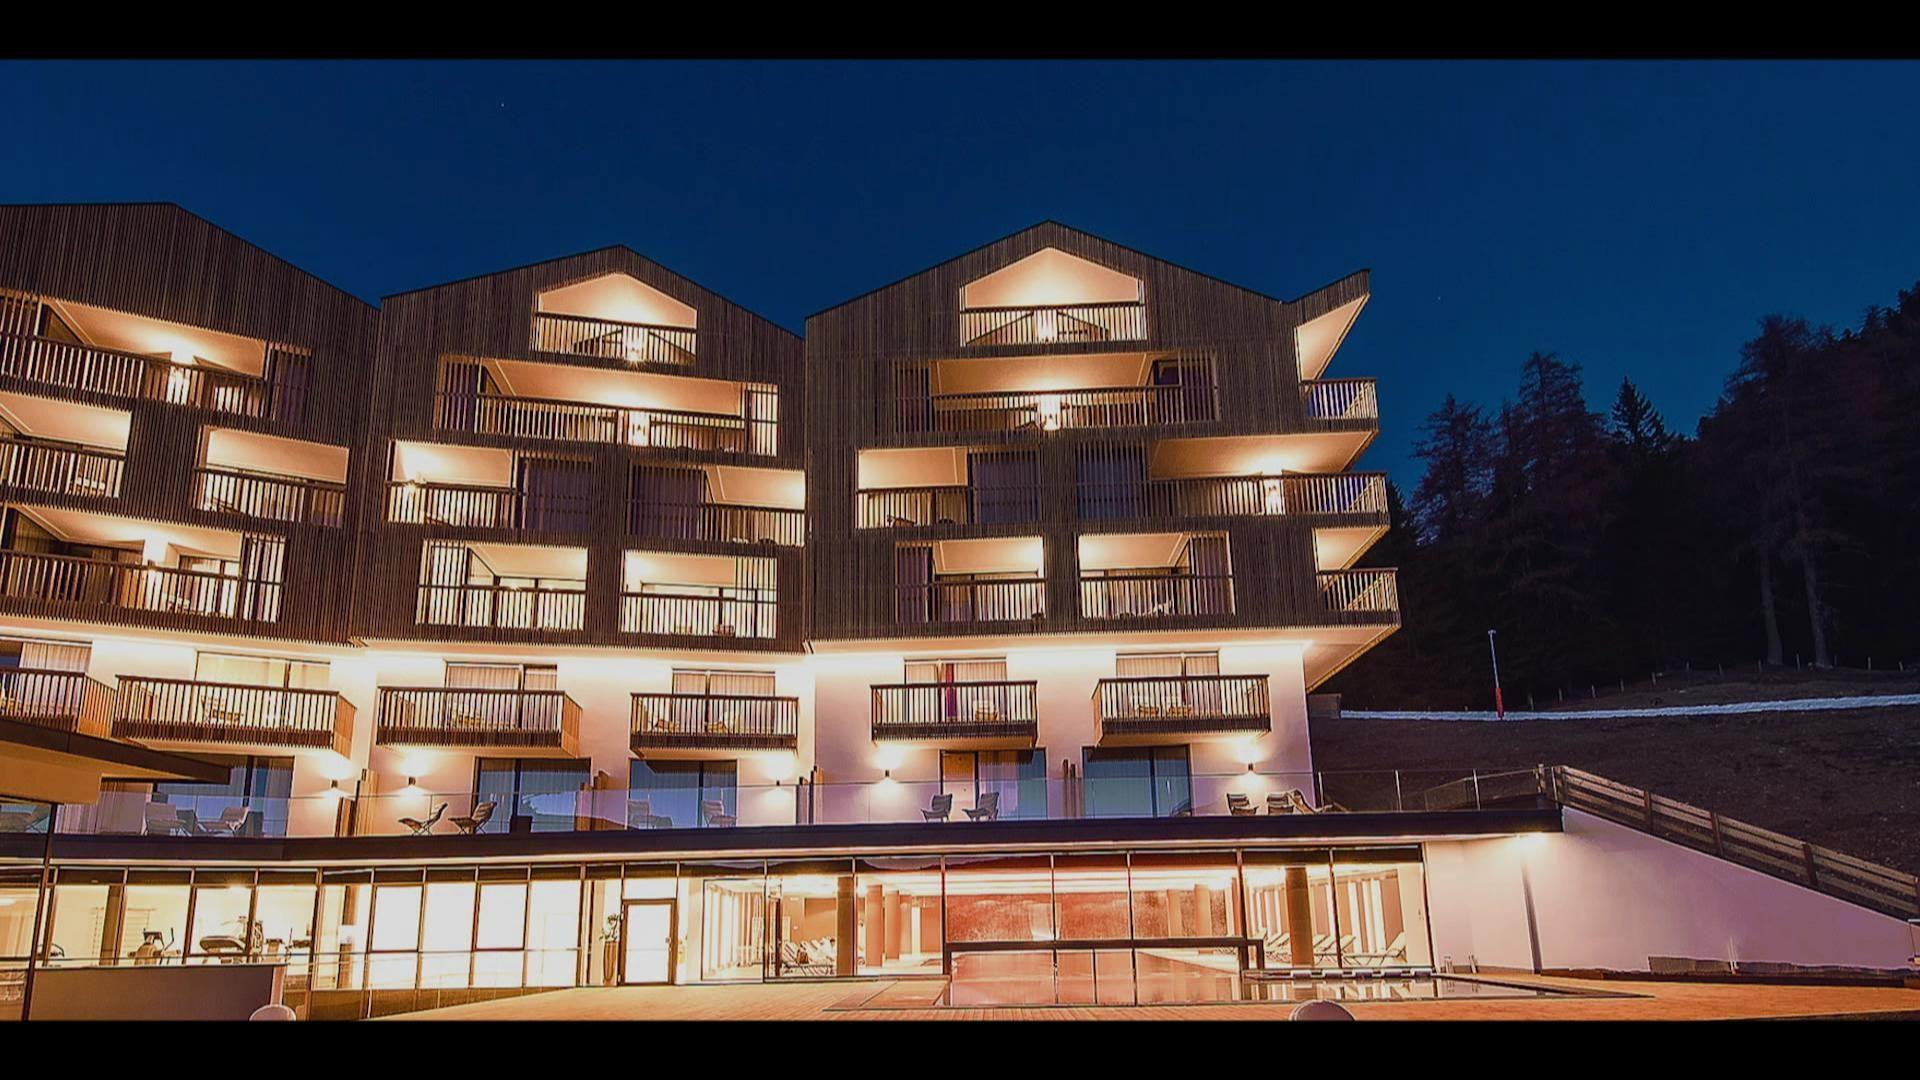 Pano Hotel Corona